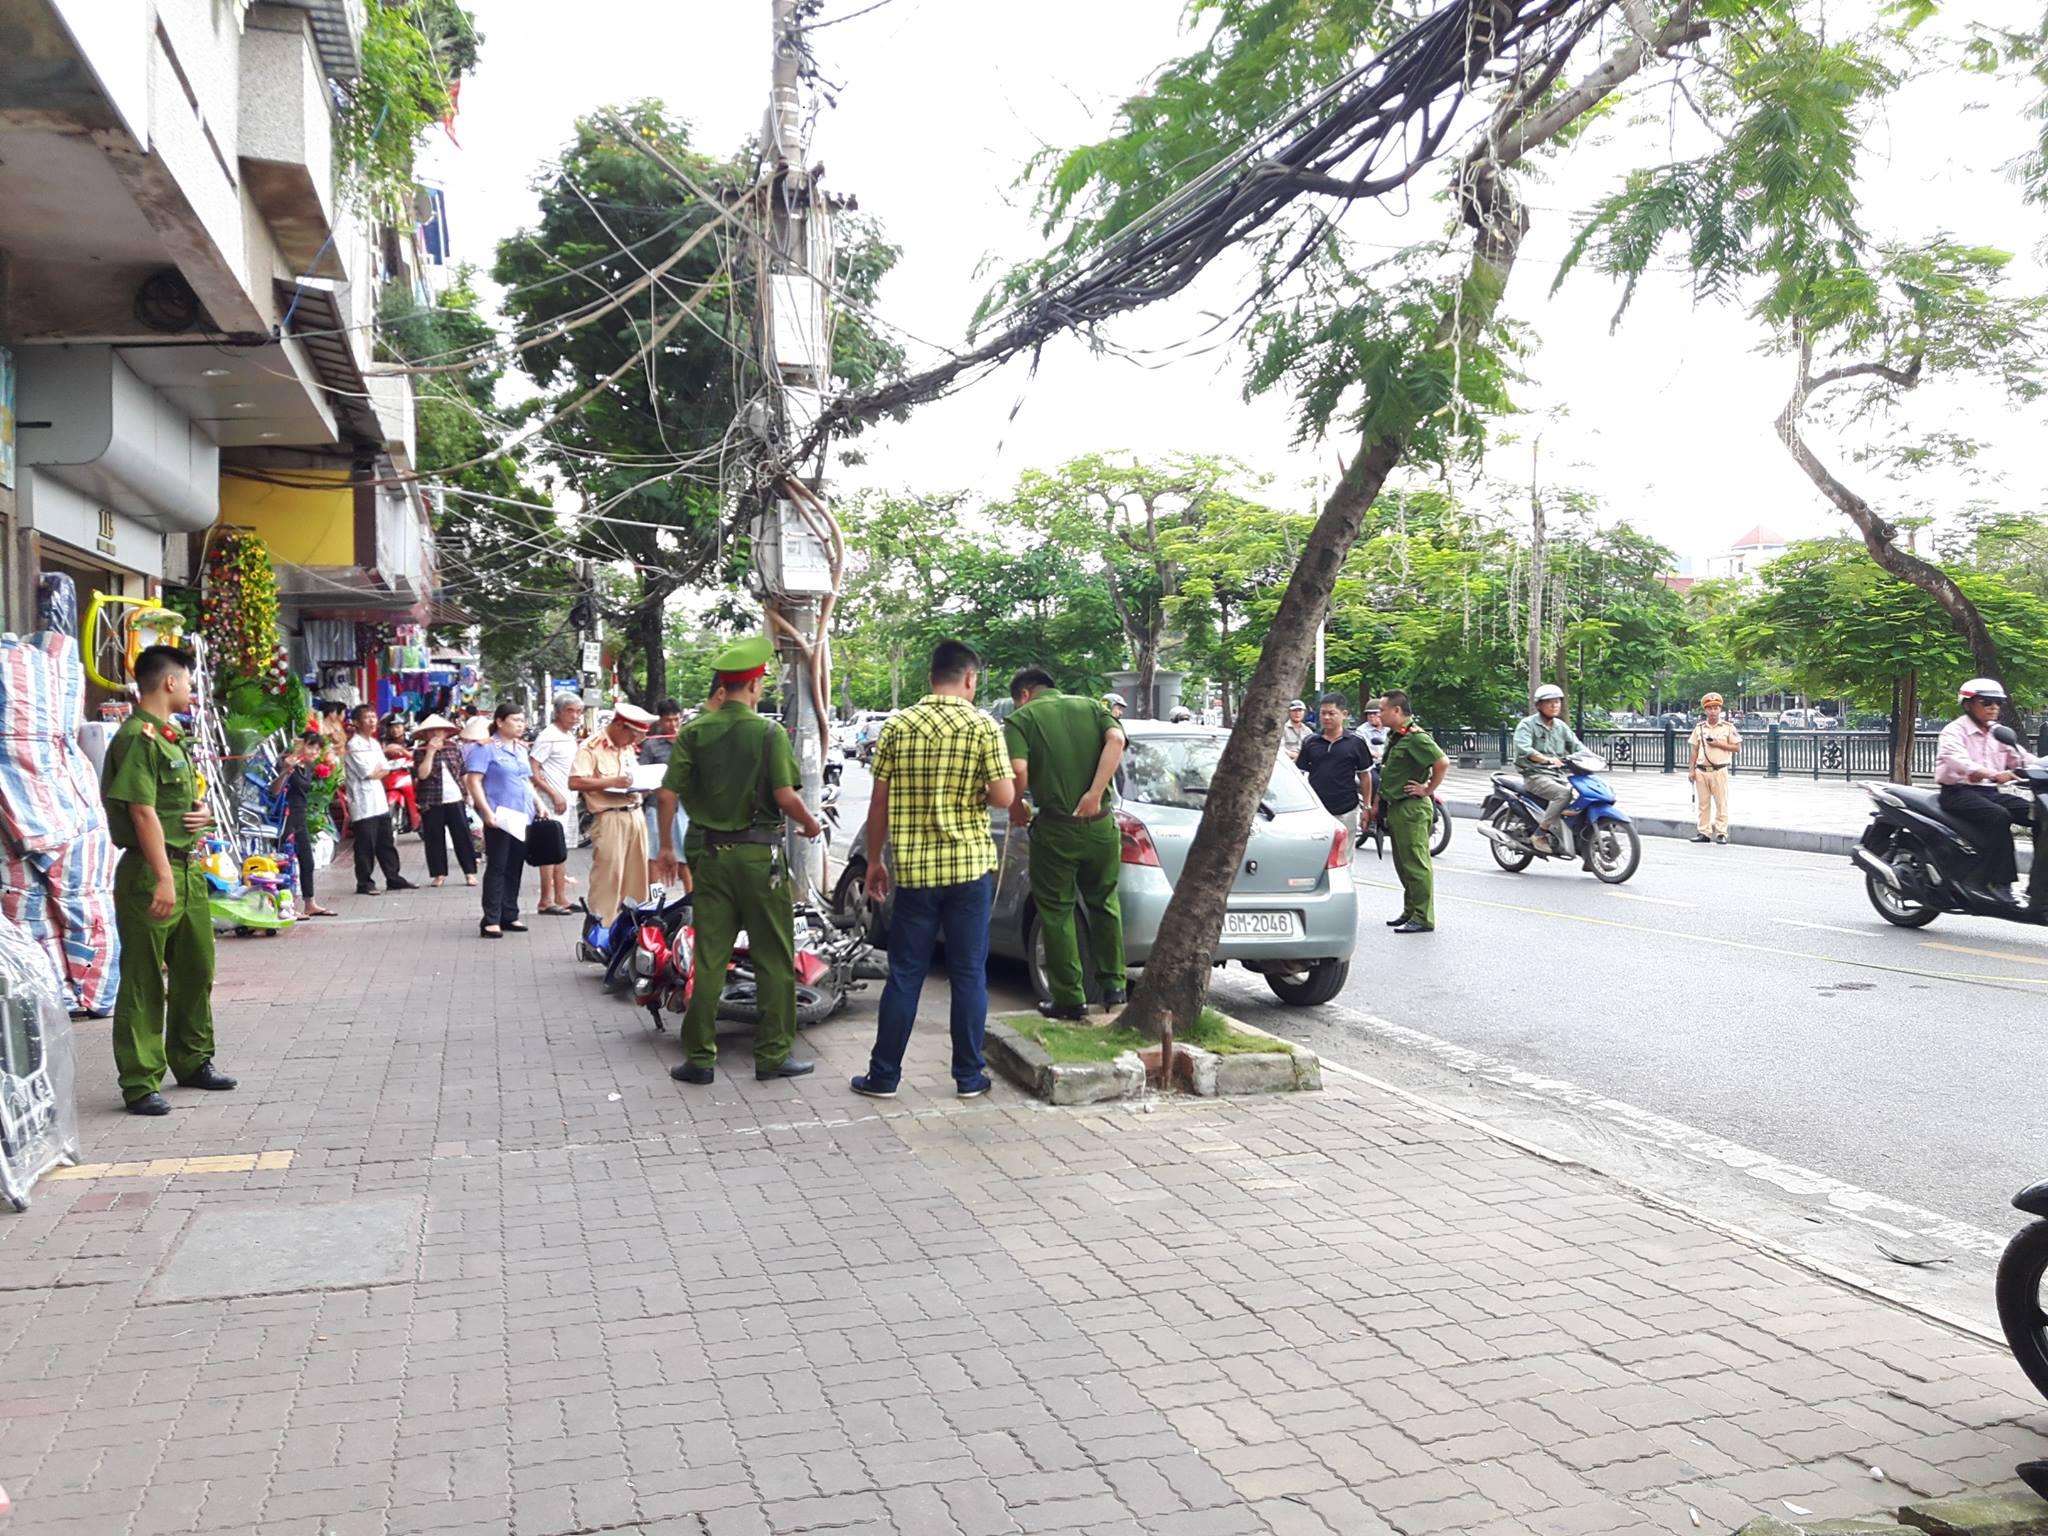 Chính trị - Xã hội - Hải Phòng: Ô tô đâm liên hoàn xe máy, 2 người bị thương (Hình 2).